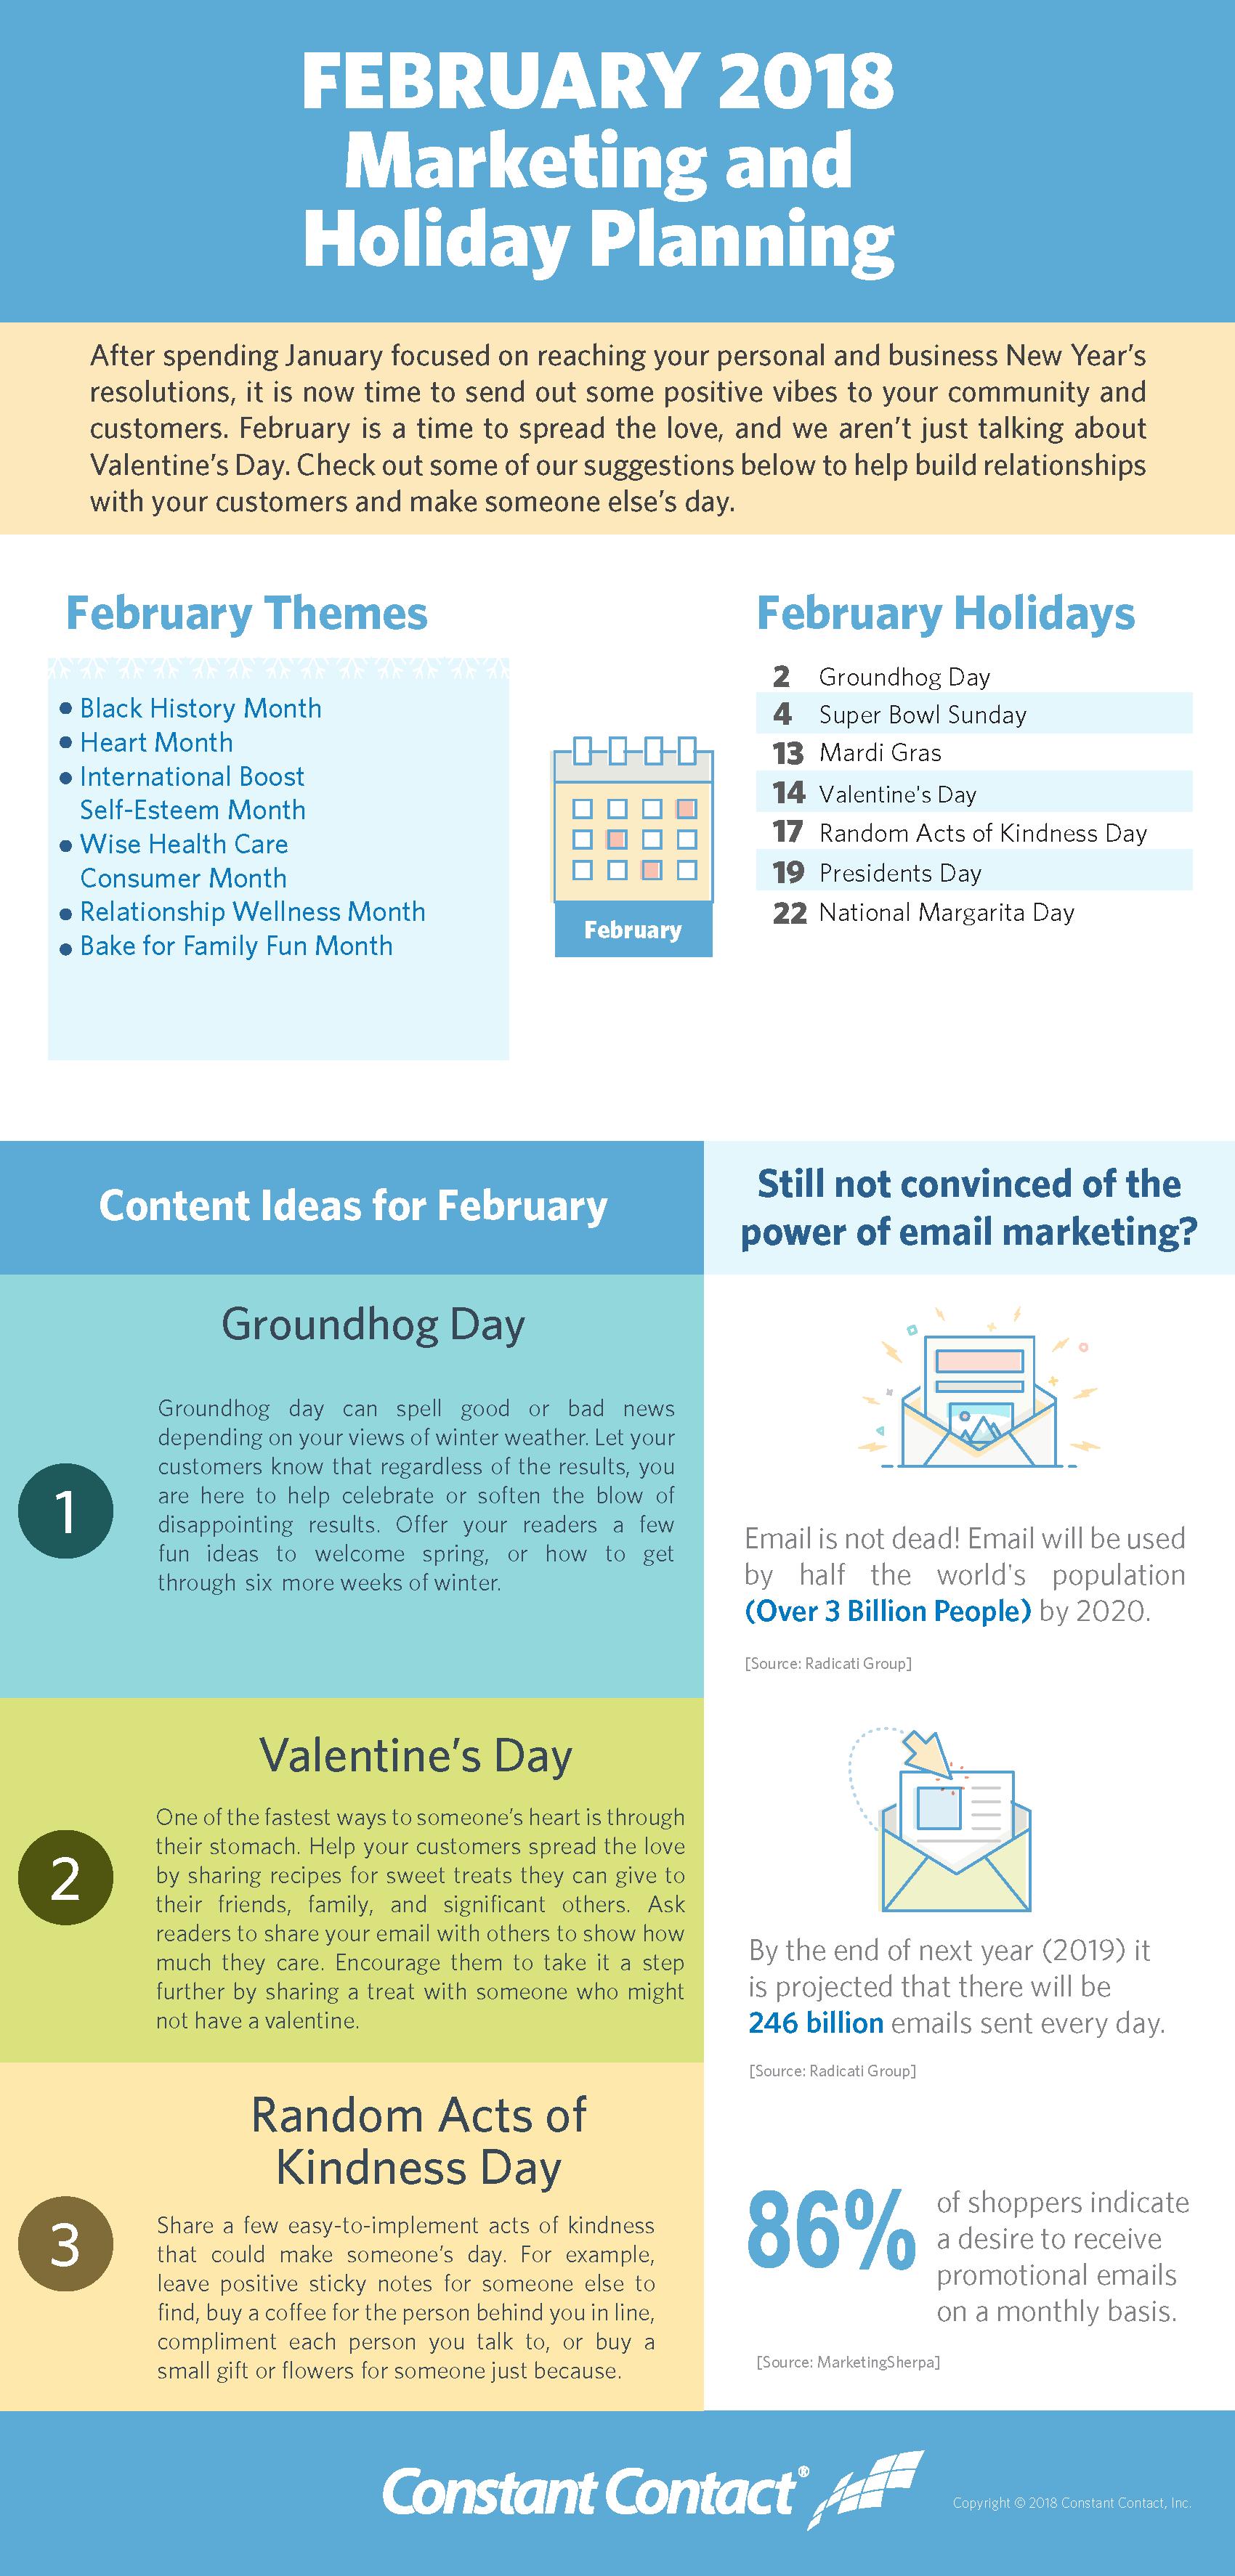 February 2018 Marketing and Holiday Planning | February, Holidays